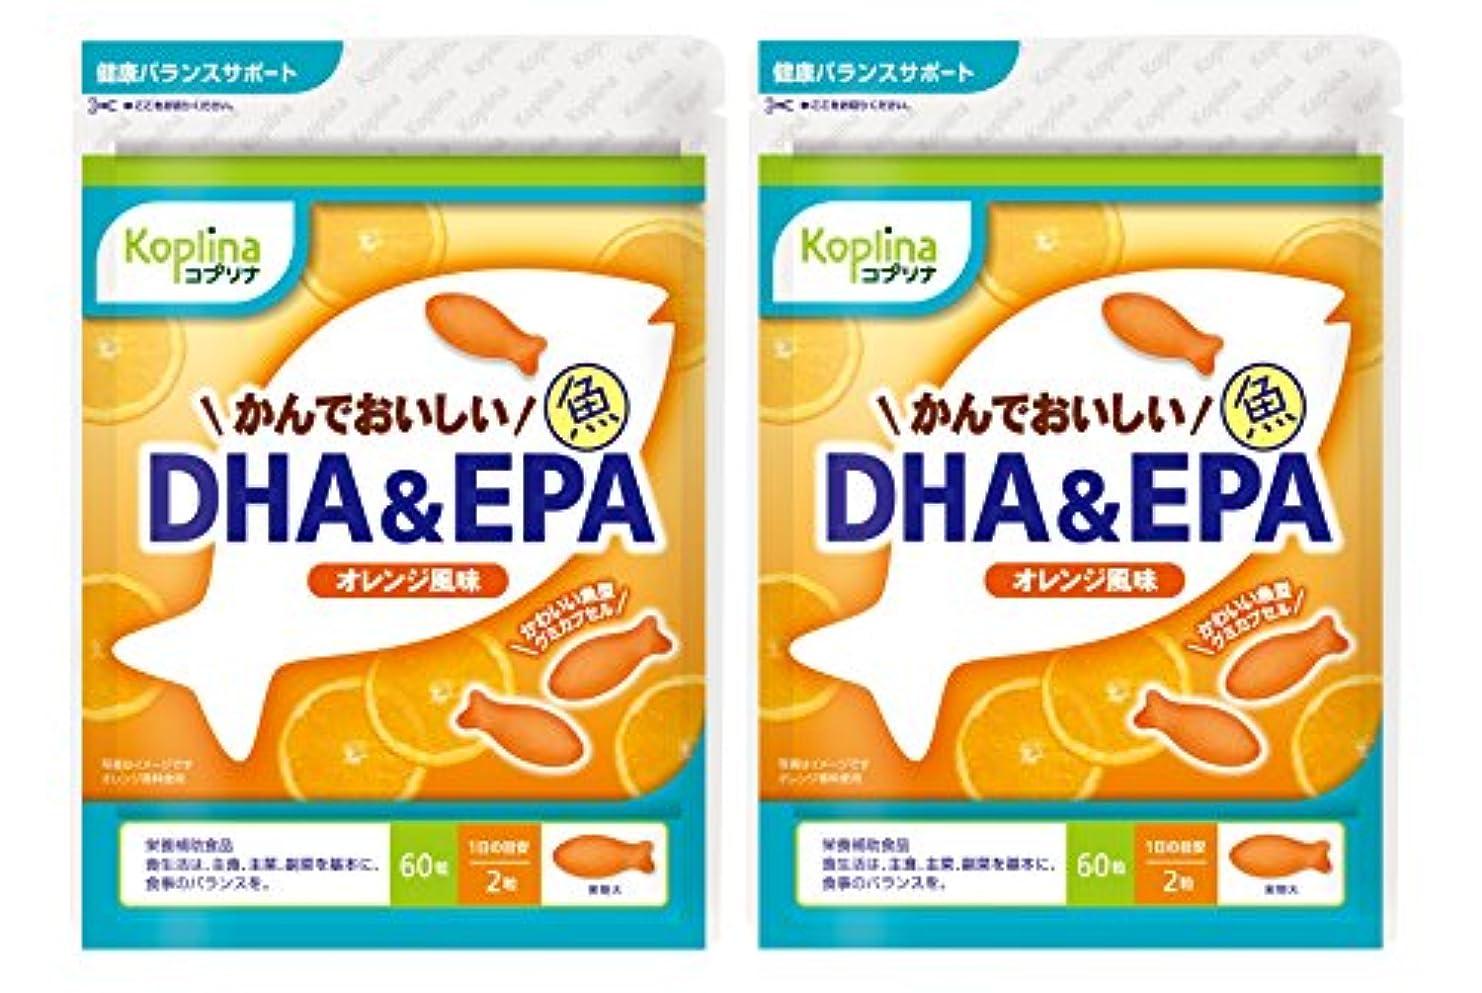 個人実業家横にかんでおいしい魚DHA&EPA 60粒(オレンジ風味)日本国内製造 チュアブルタイプ (1) (2)